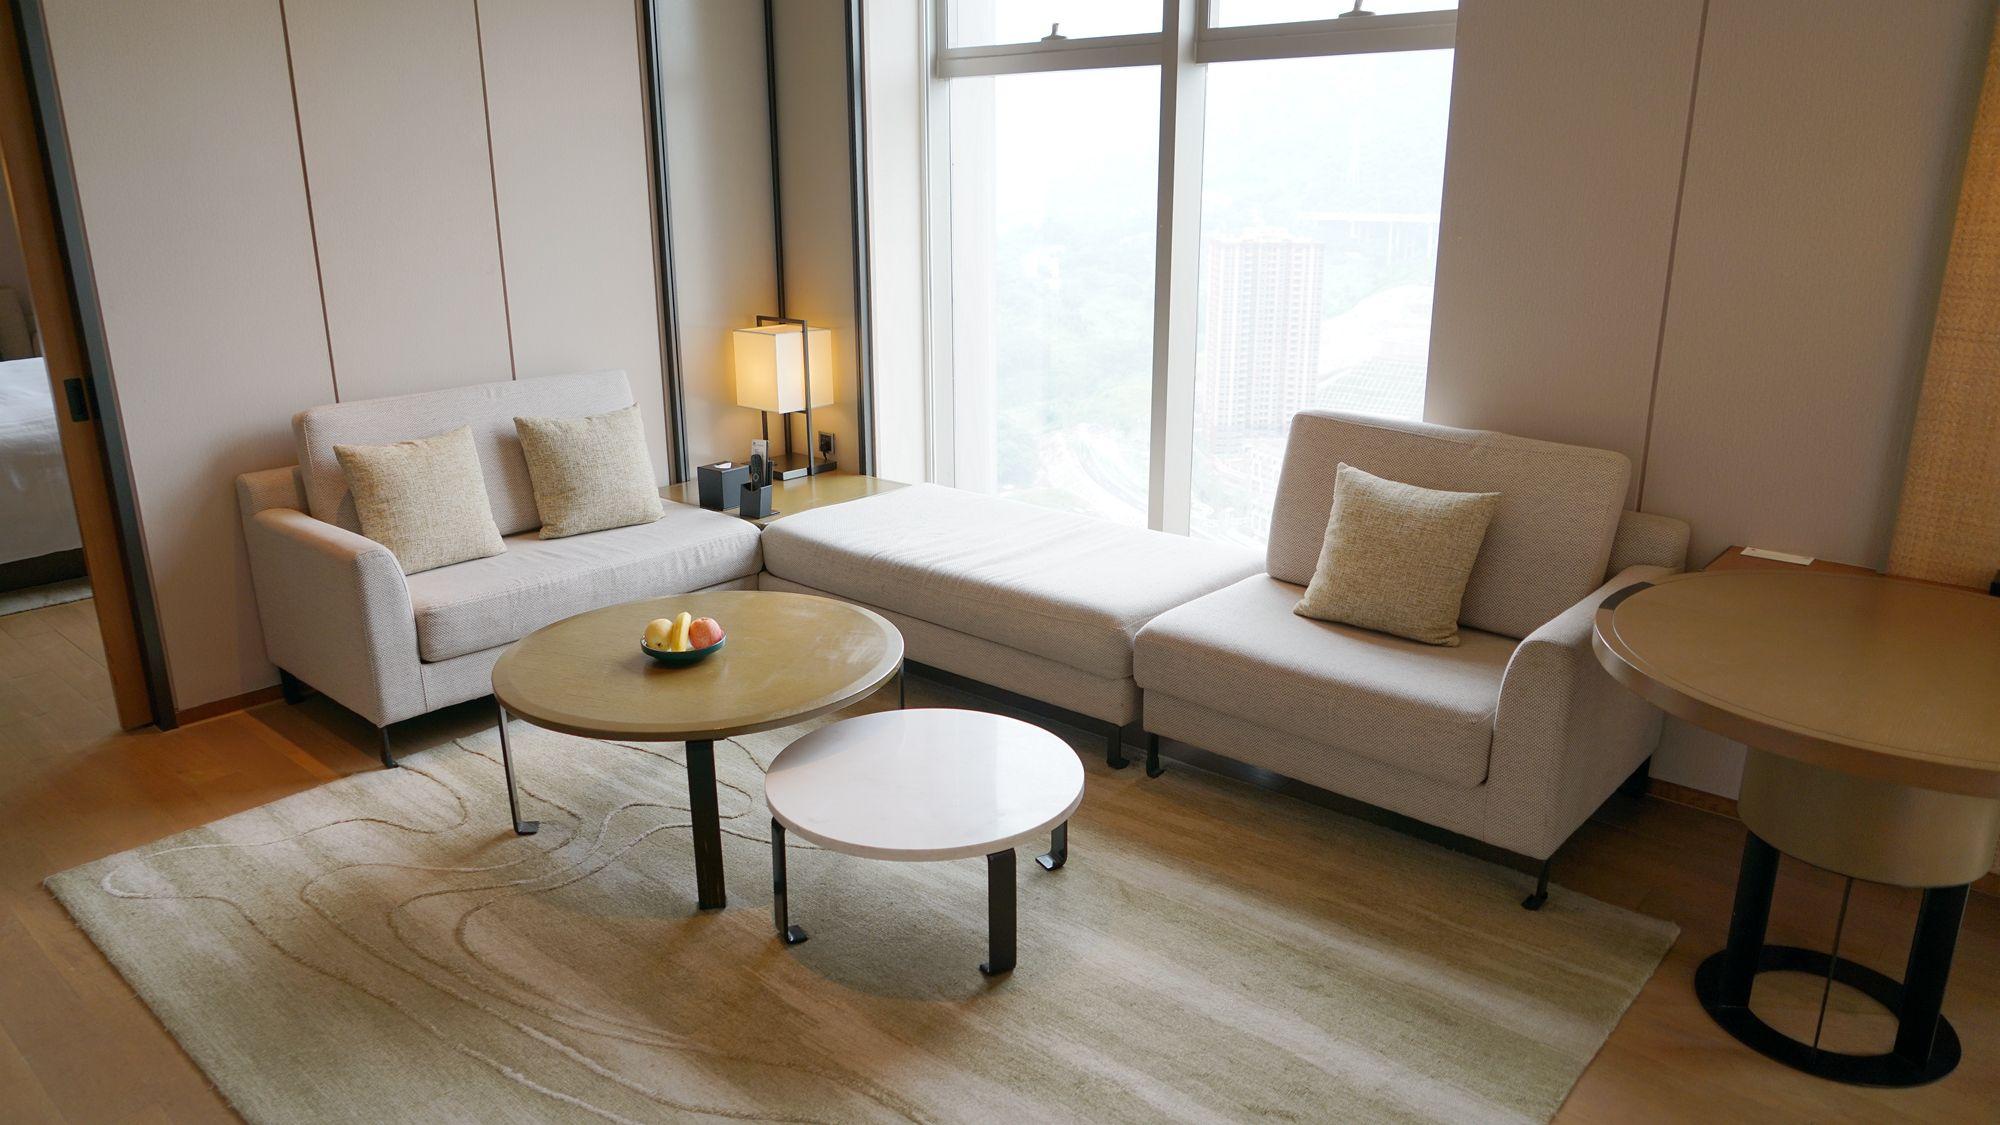 俯瞰山河,唯我独尊:坐拥无遮挡360度全景的重庆万豪酒店